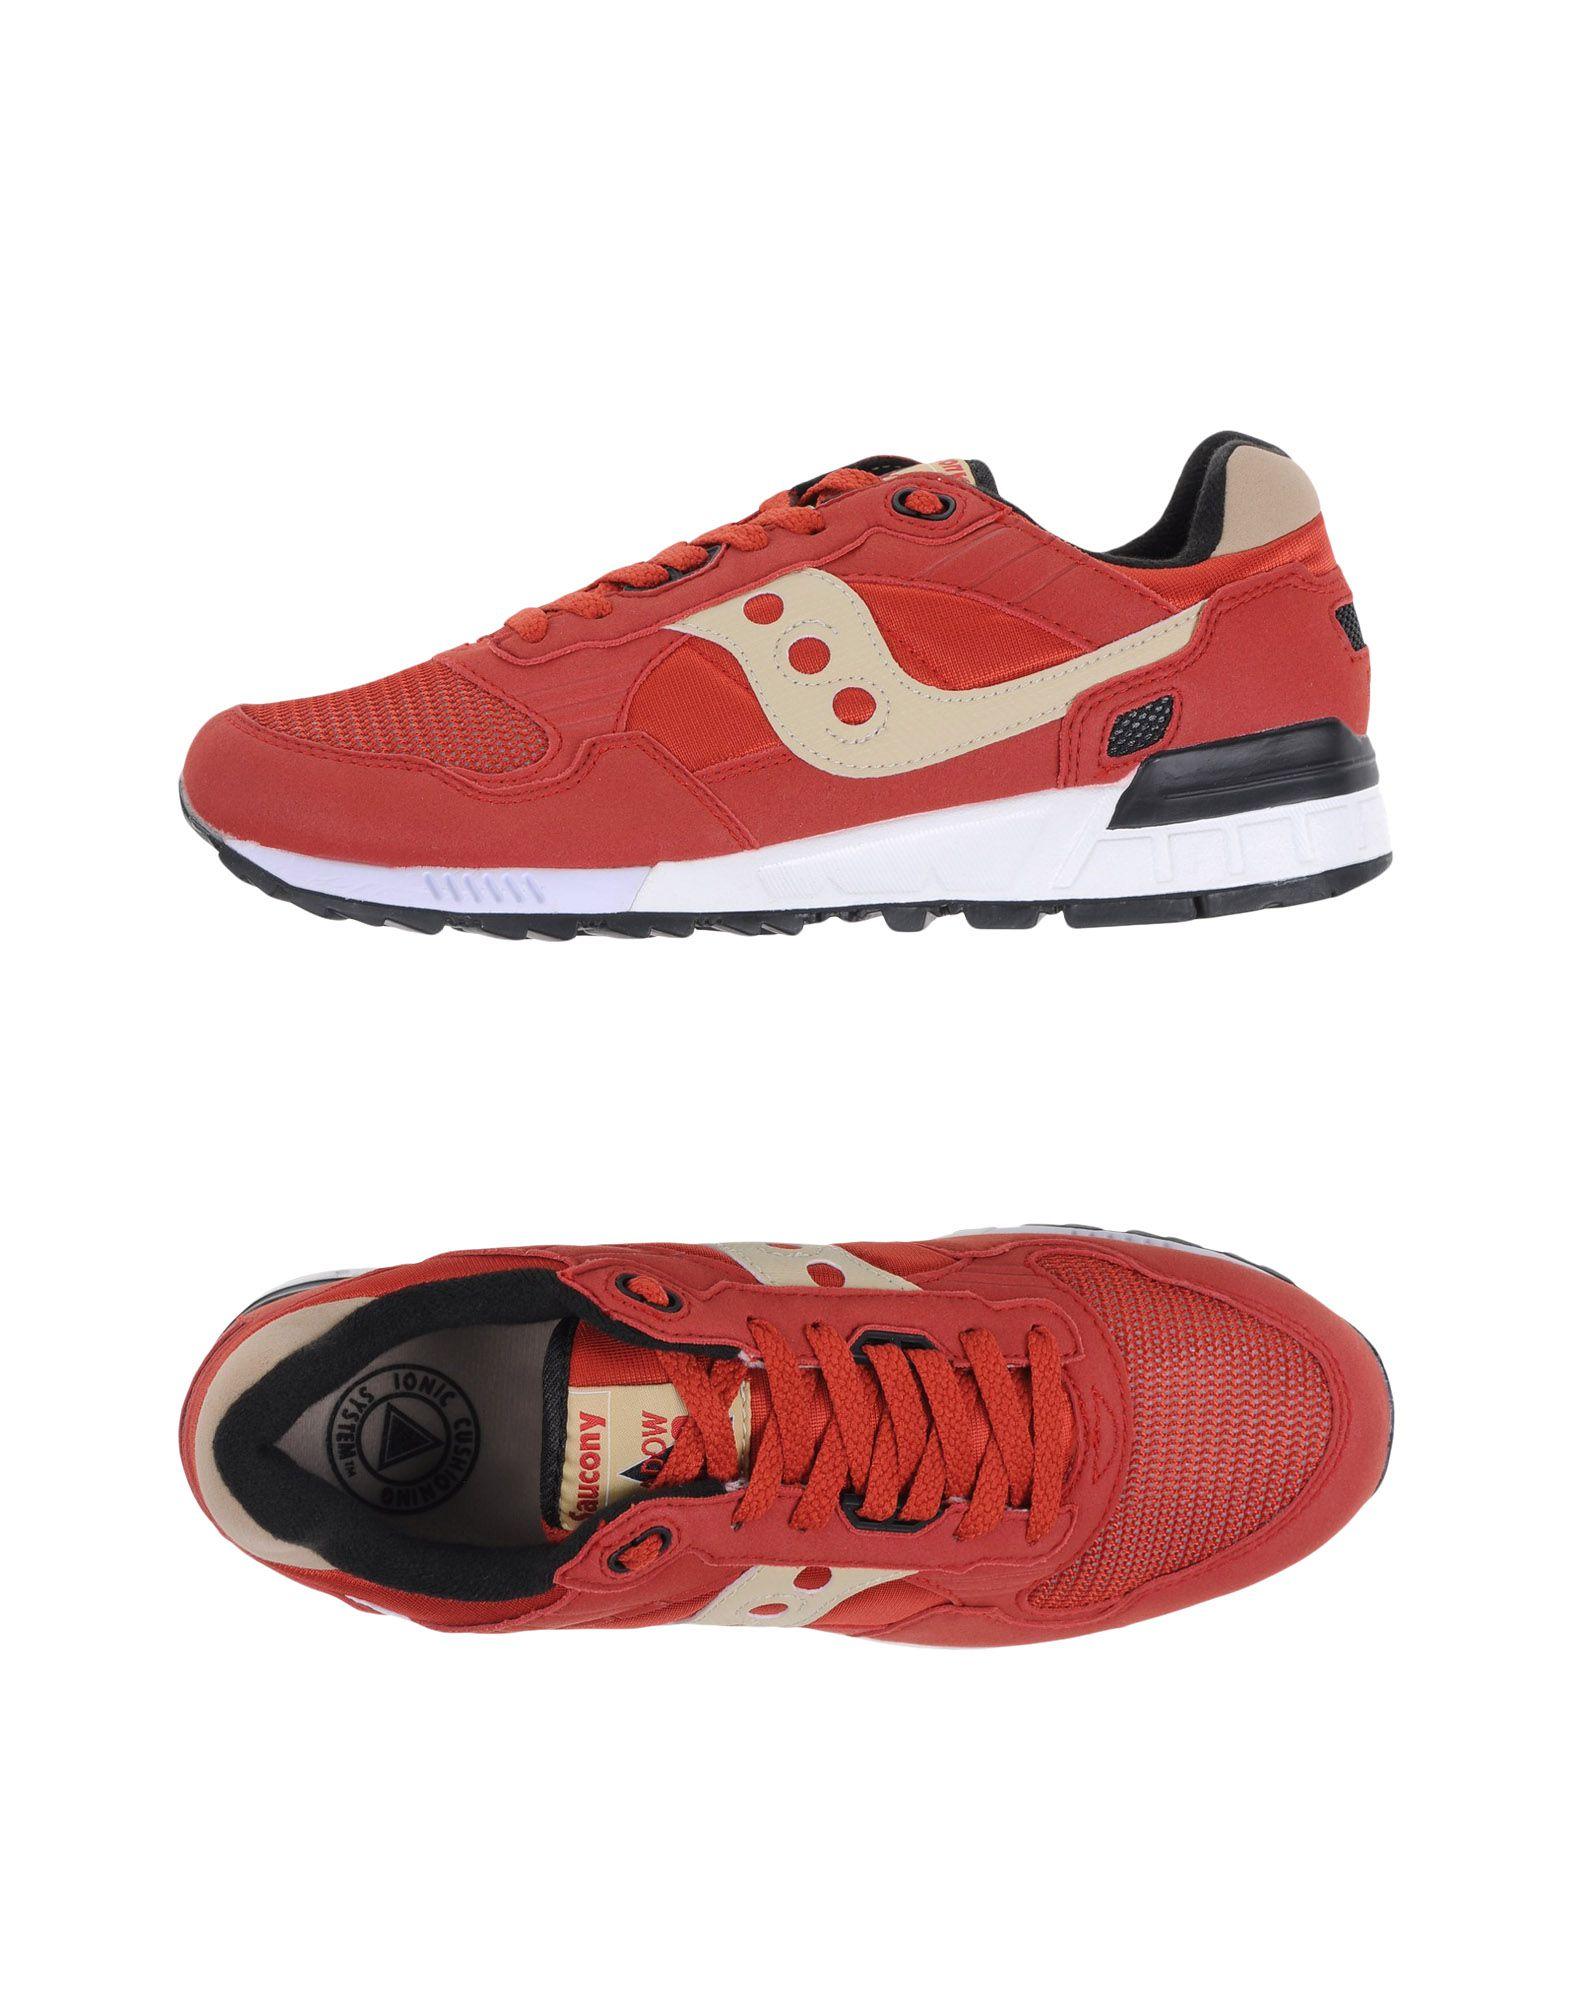 Sneakers Saucony Shadow 5000 - Uomo - Acquista online su